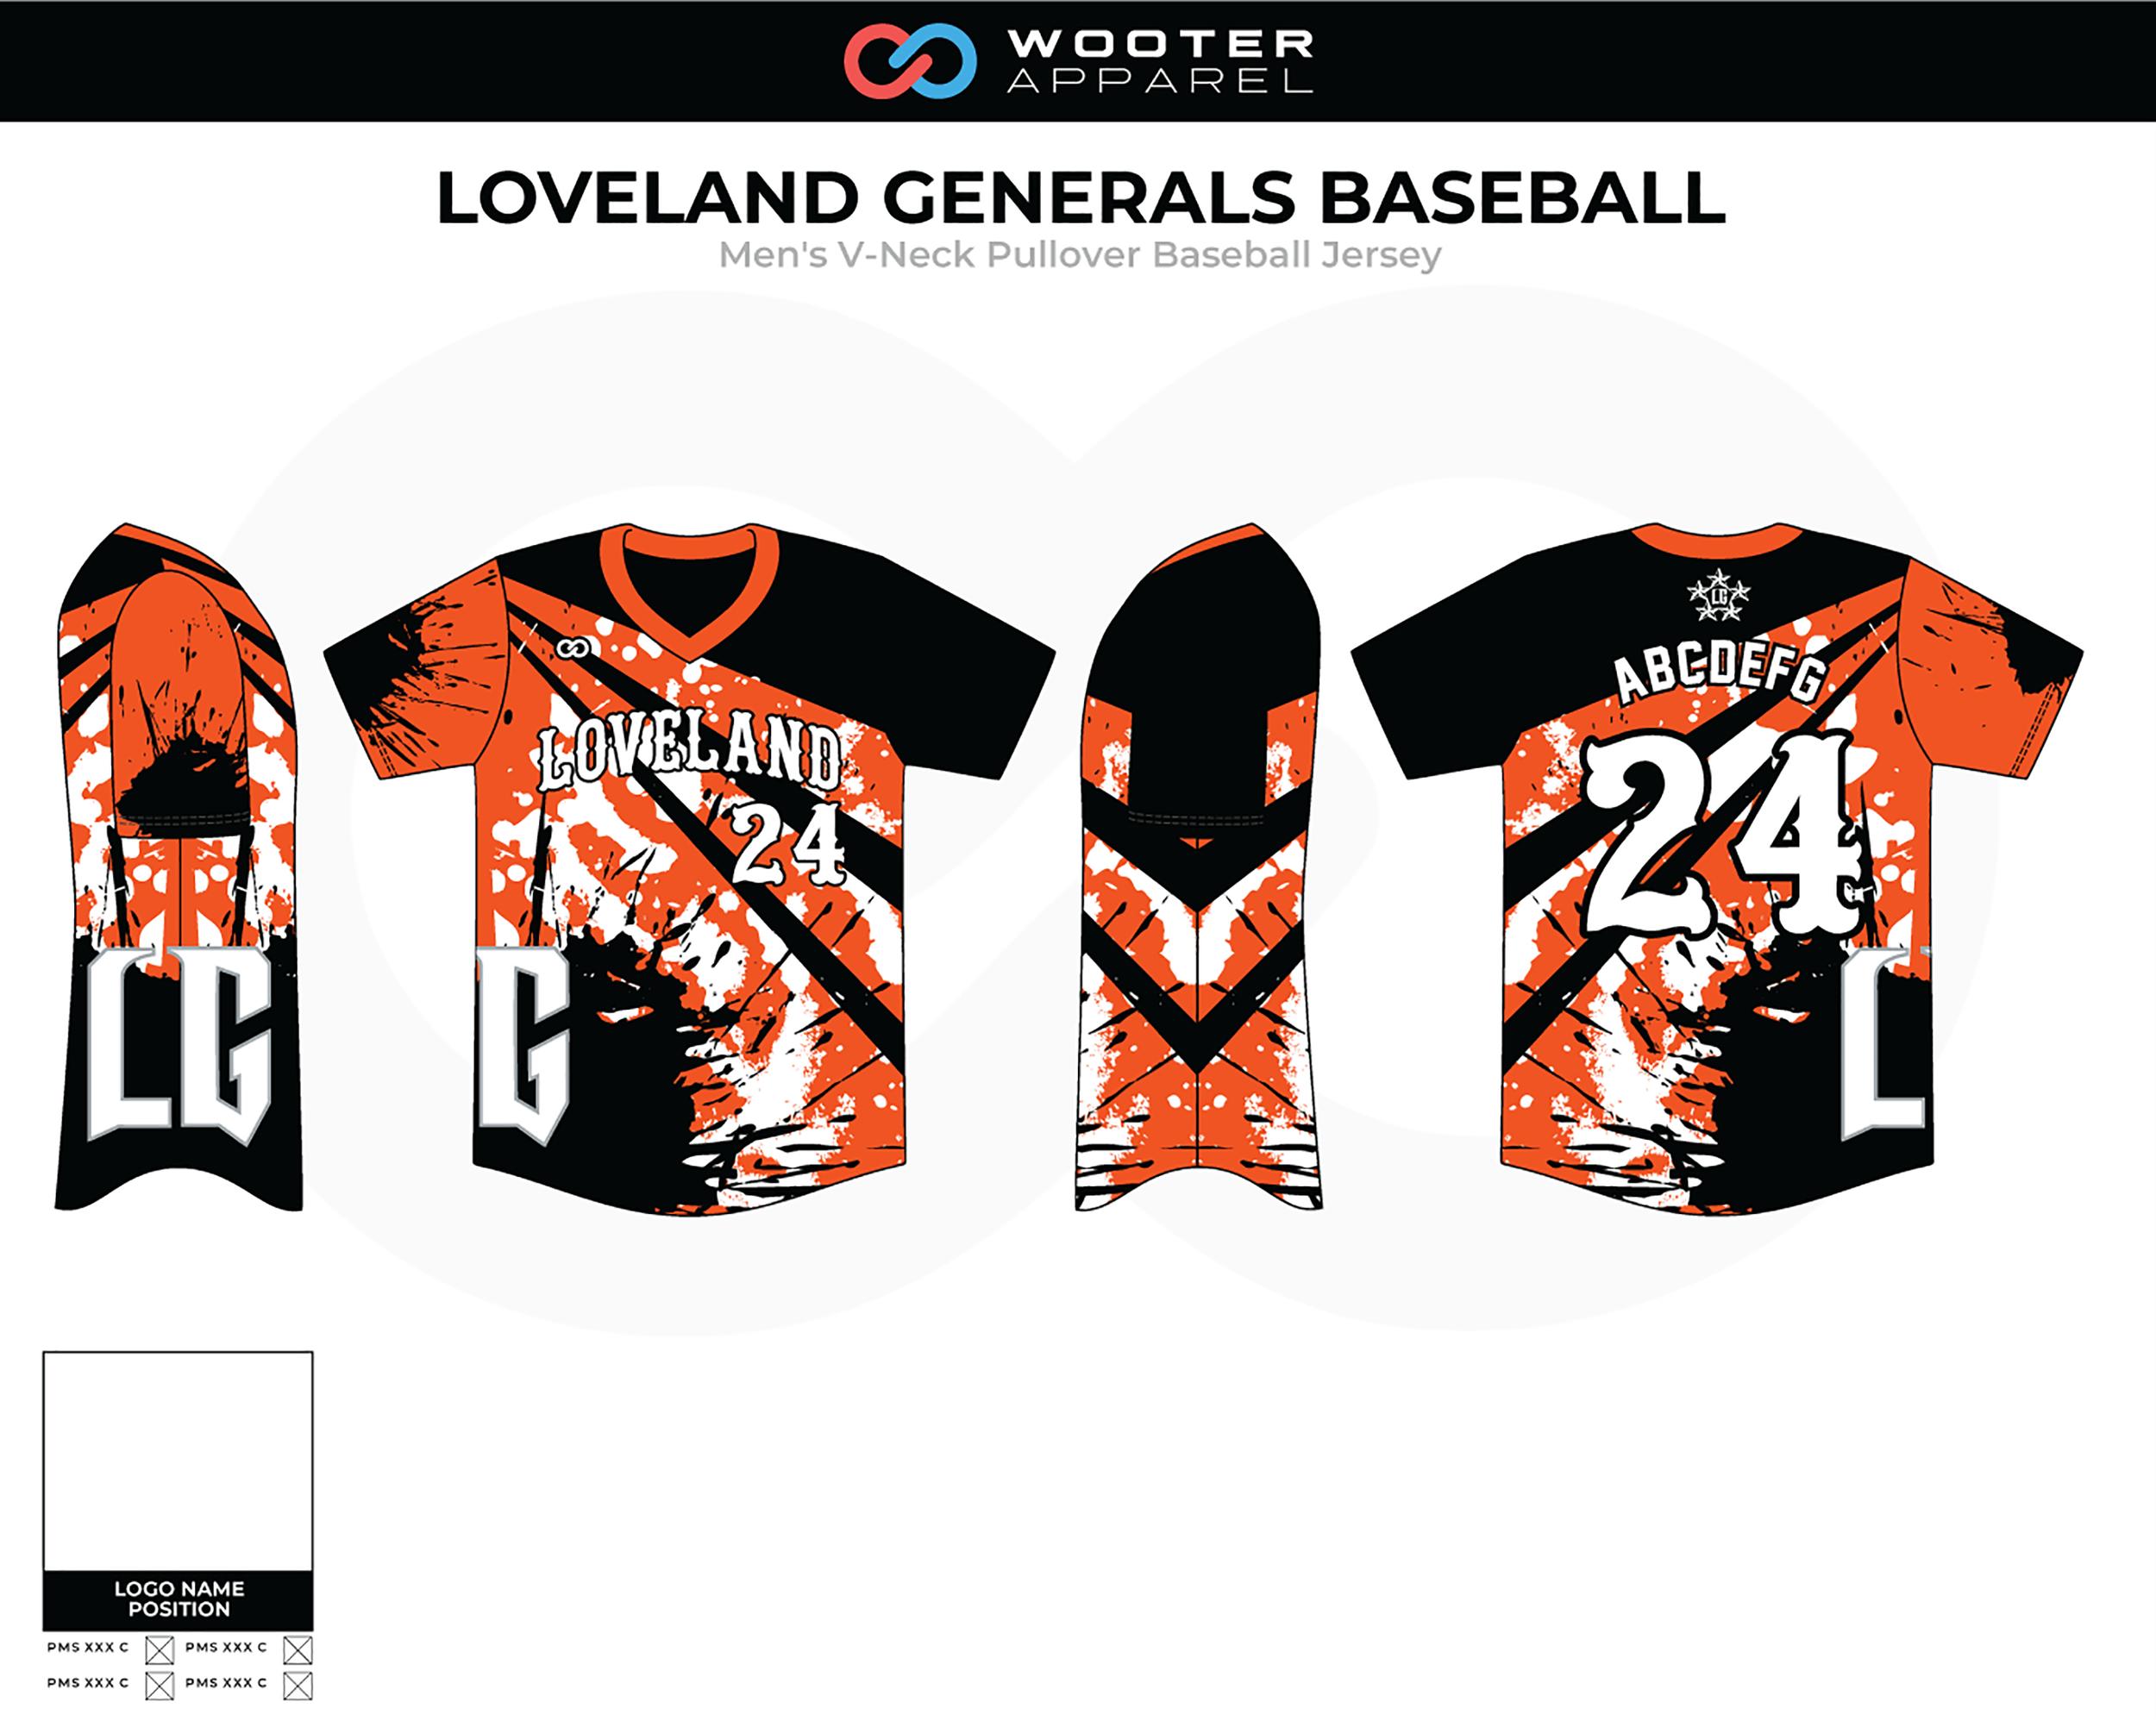 LovelandGeneralsBaseball_MockupV3.png